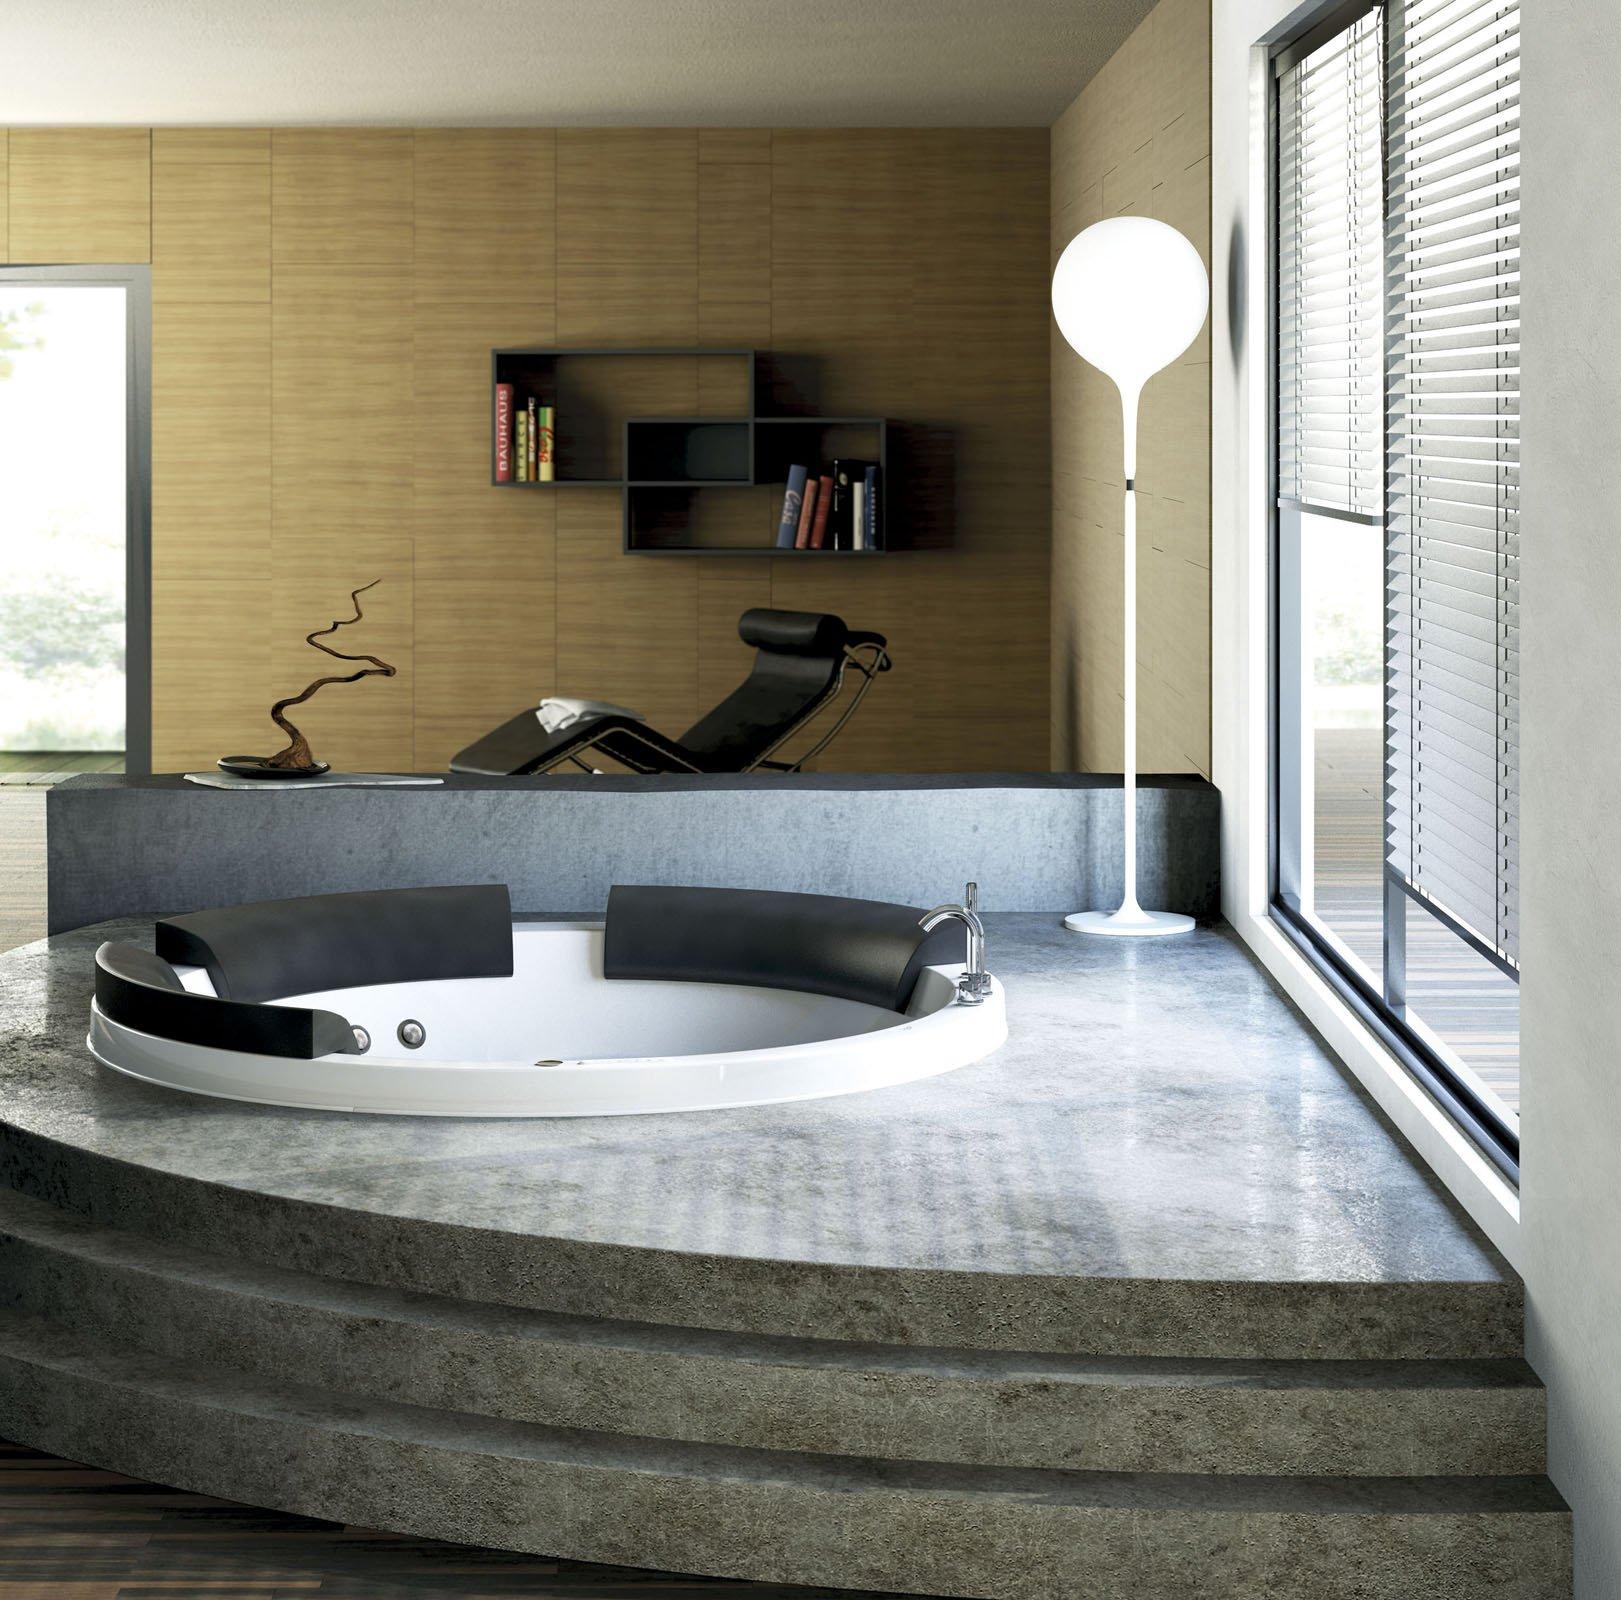 Vasca idromassaggio con box doccia - Vasche da bagno con box doccia incorporato ...